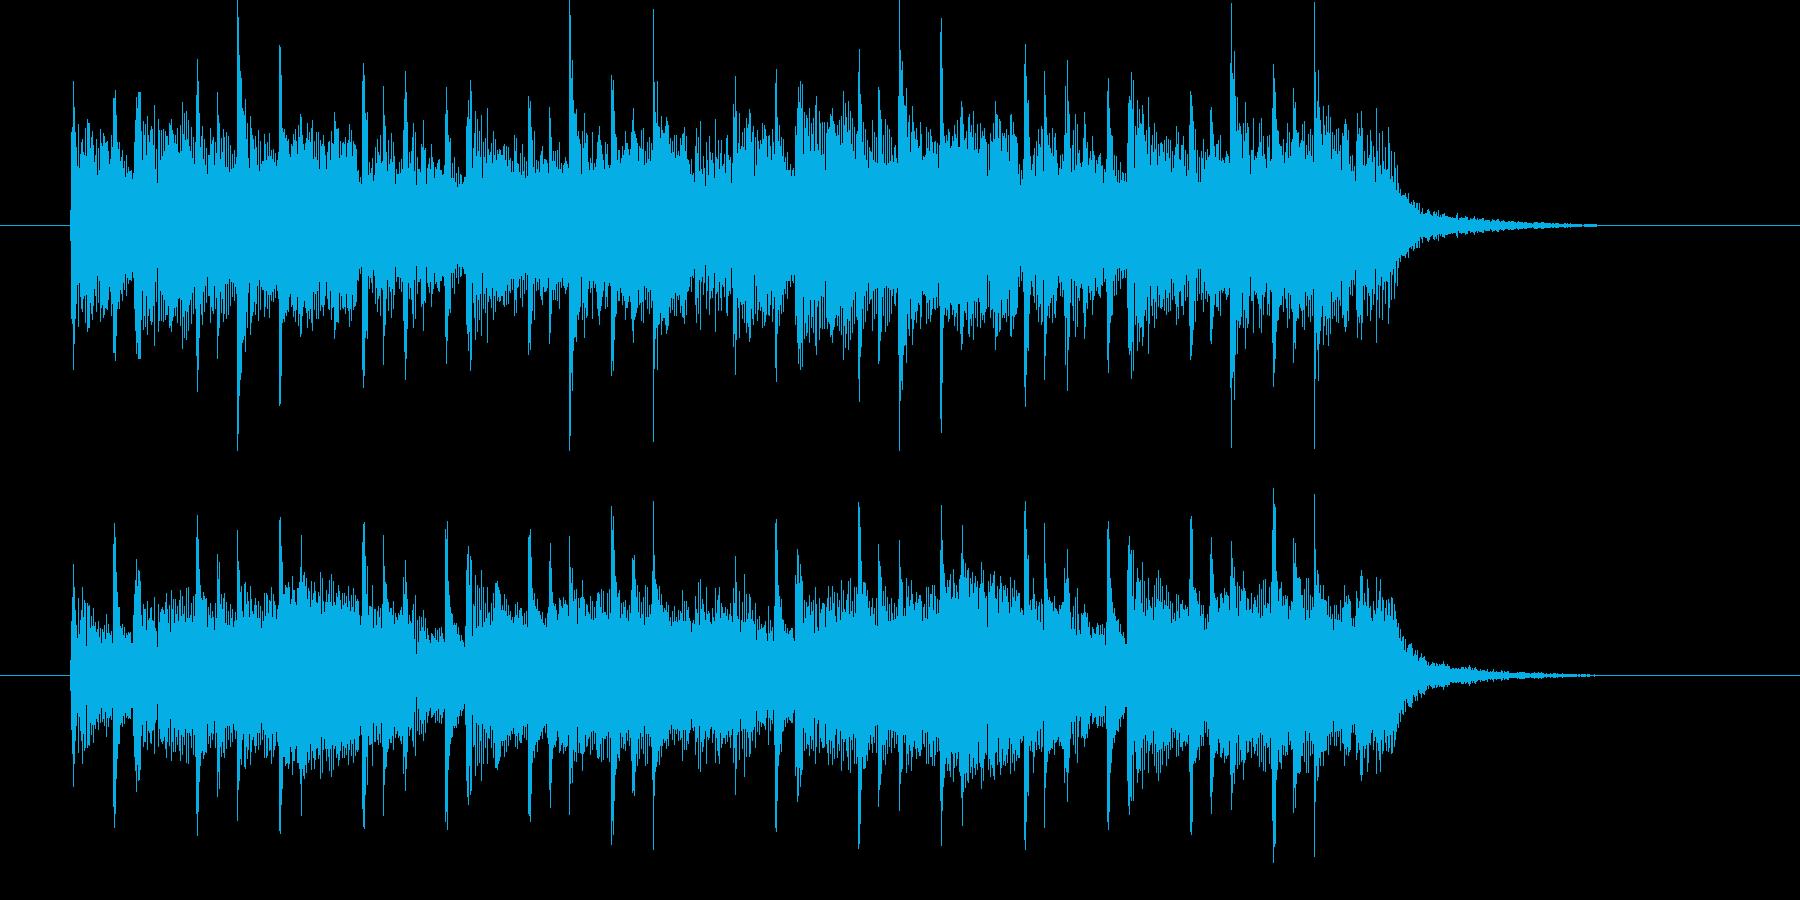 速いとゆっくりが融合した民族音楽の再生済みの波形